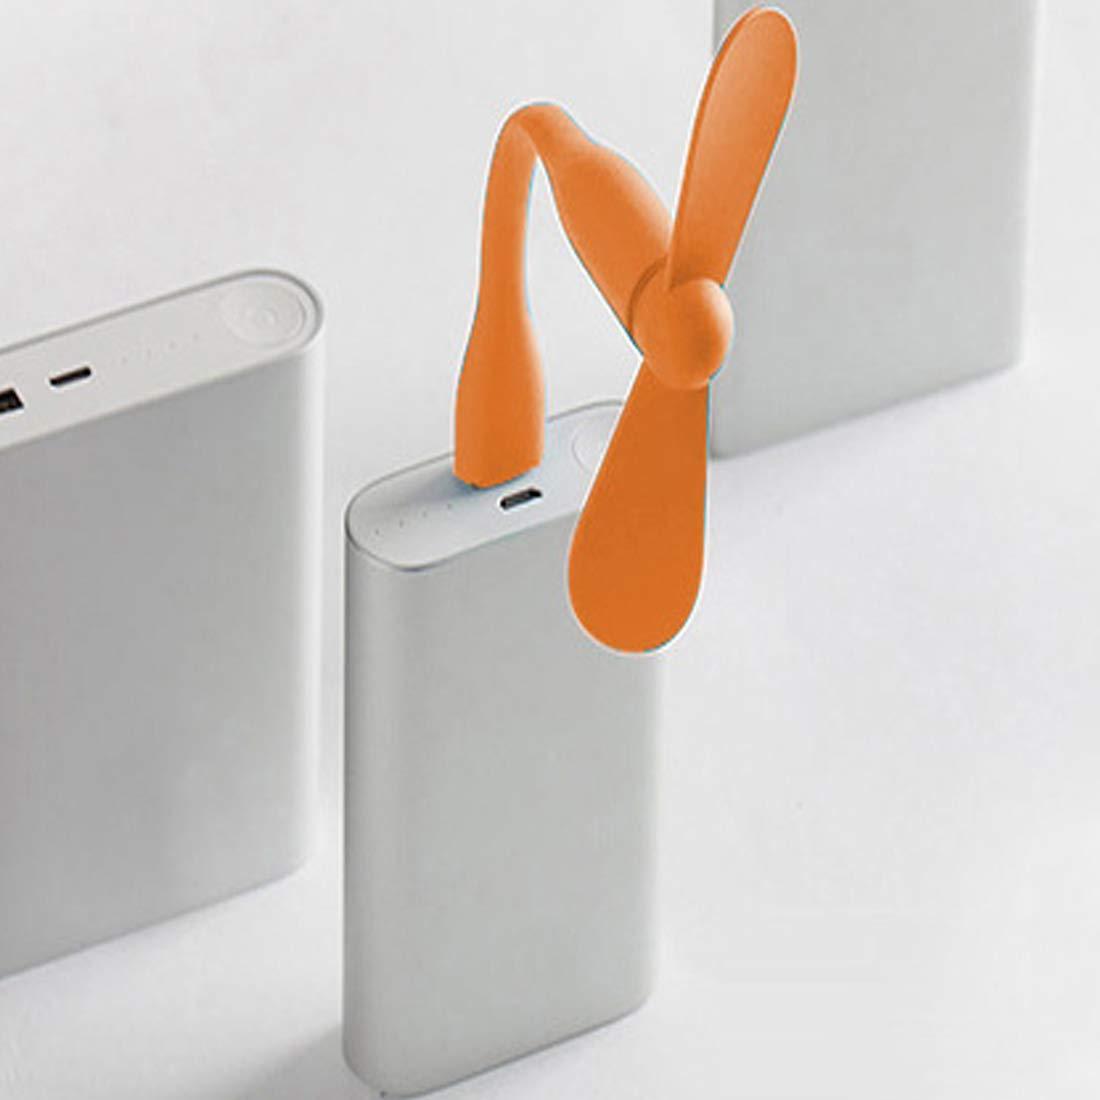 Basico Ventilateur Souple Portable Amovible Mini Ventilateur USB pour T/él/éphone pour Tous Les Alimentations Sortie USB Gadgets USB